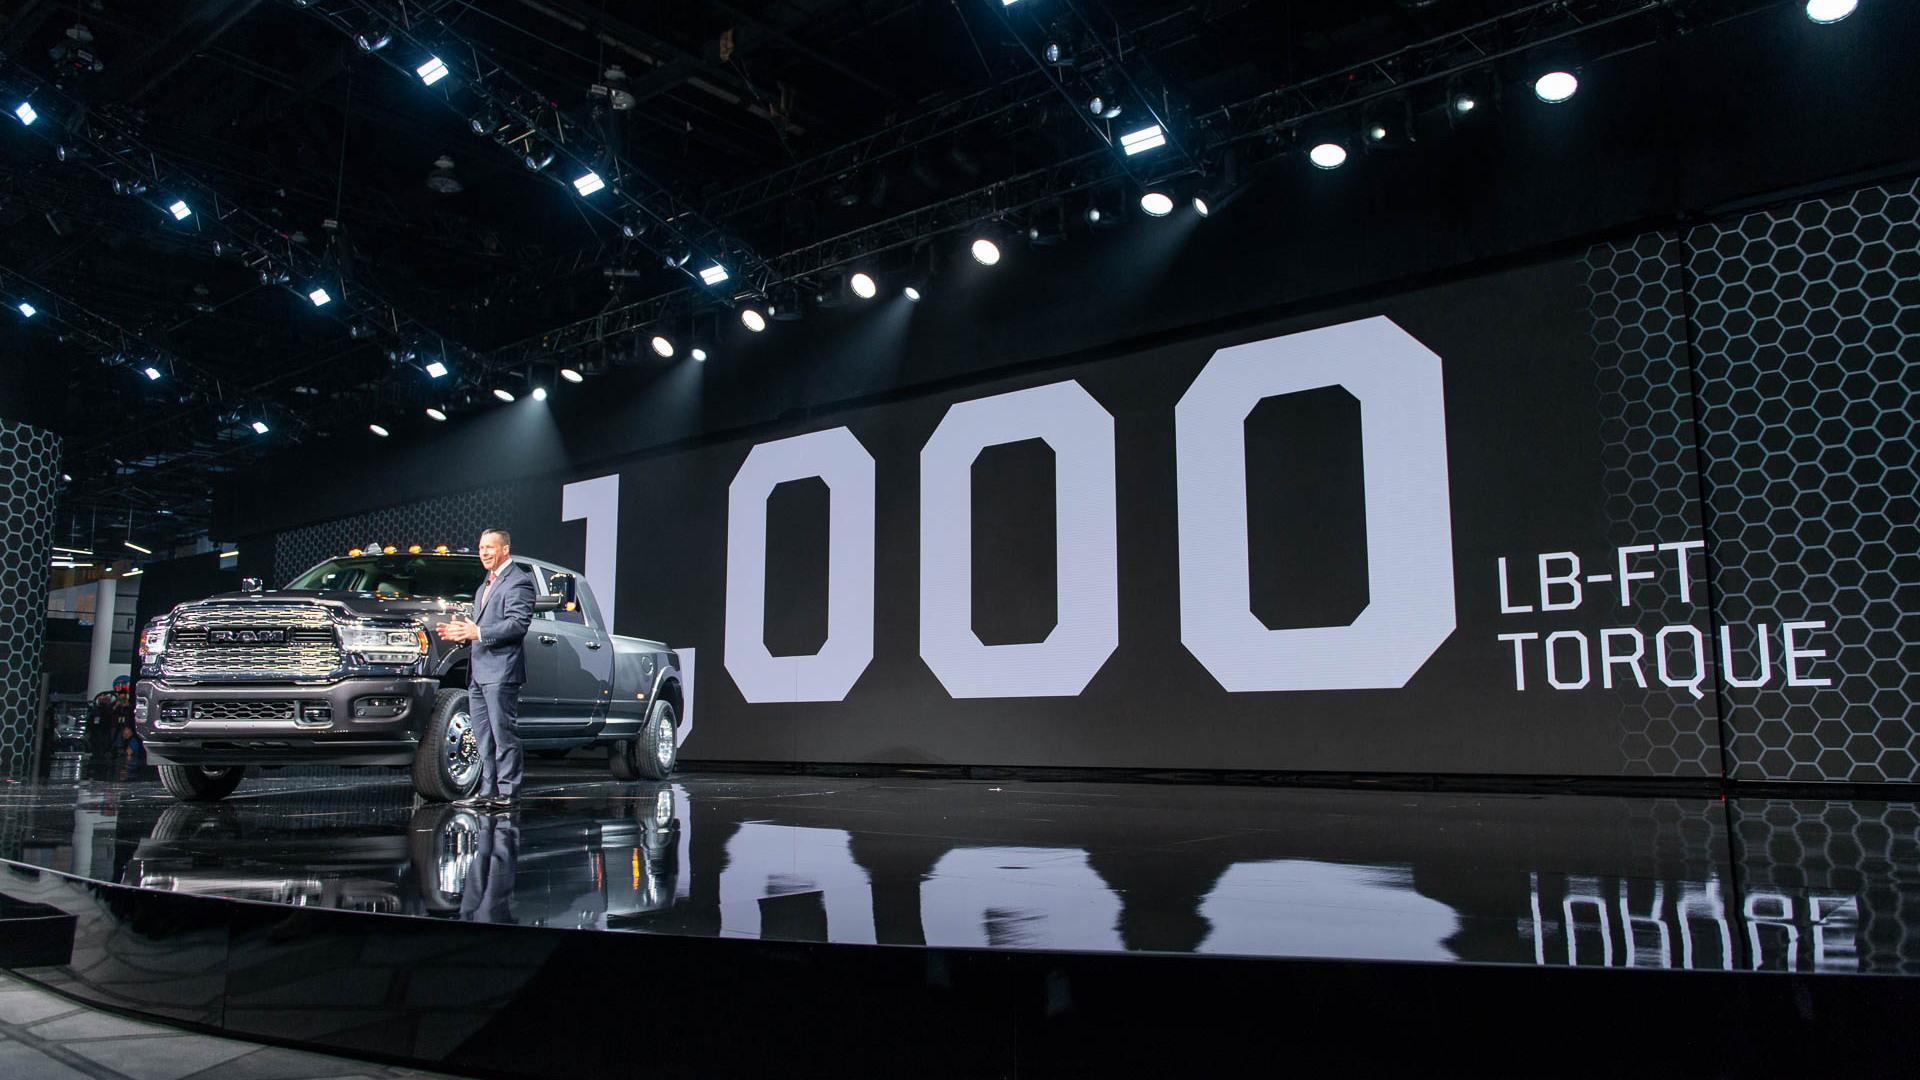 2019 Ram 2500, 2019 Detroit auto show